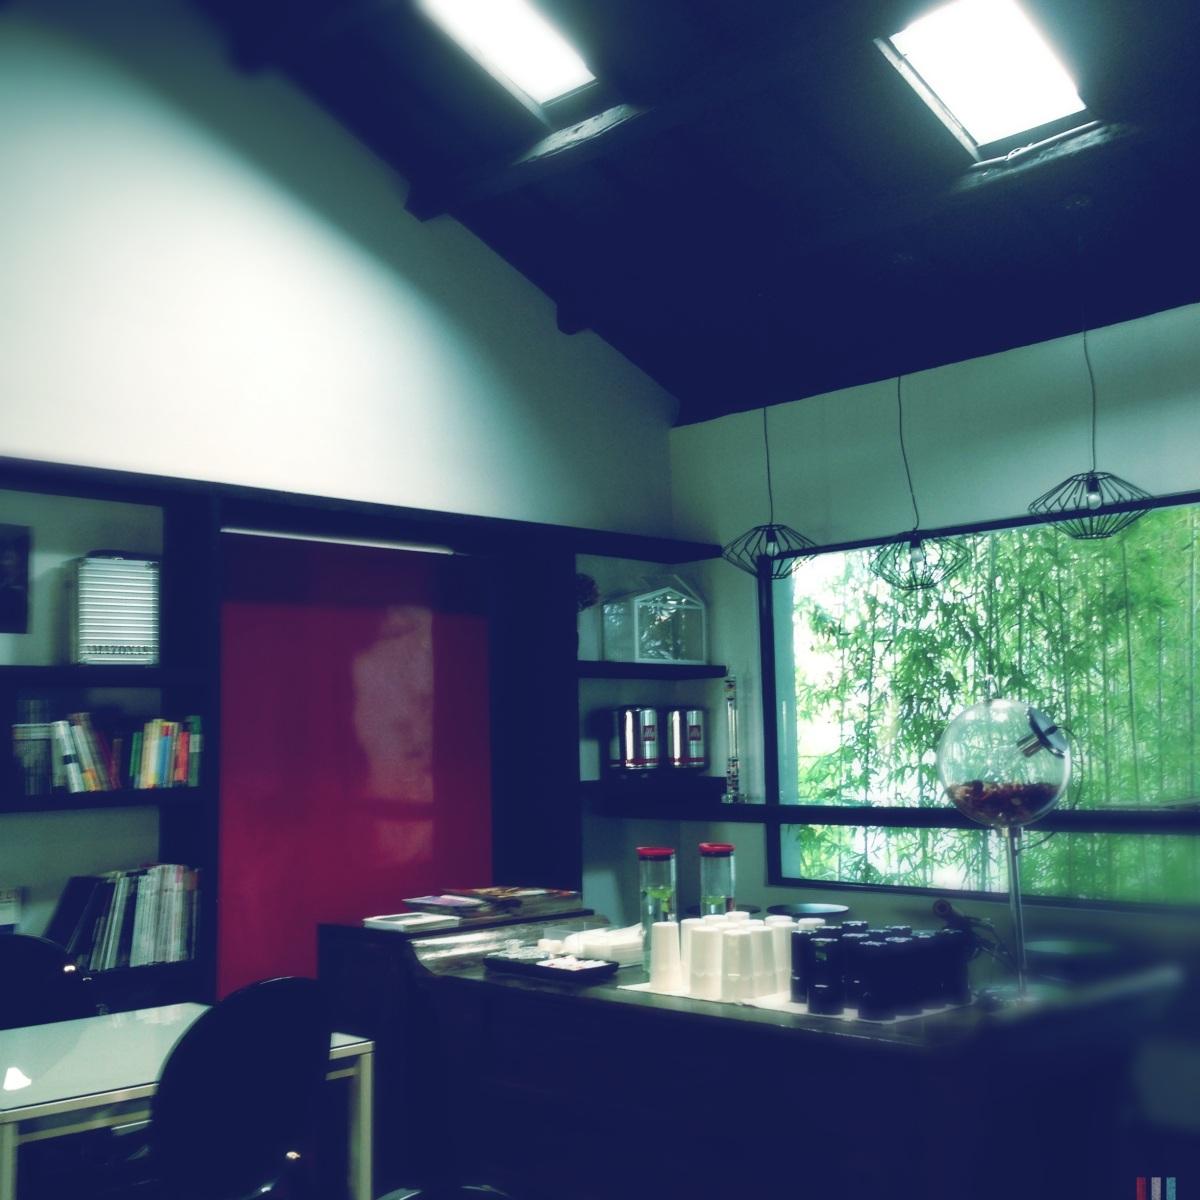 民宿與藝術空間的結合 - 台南市的八又二分之一 3